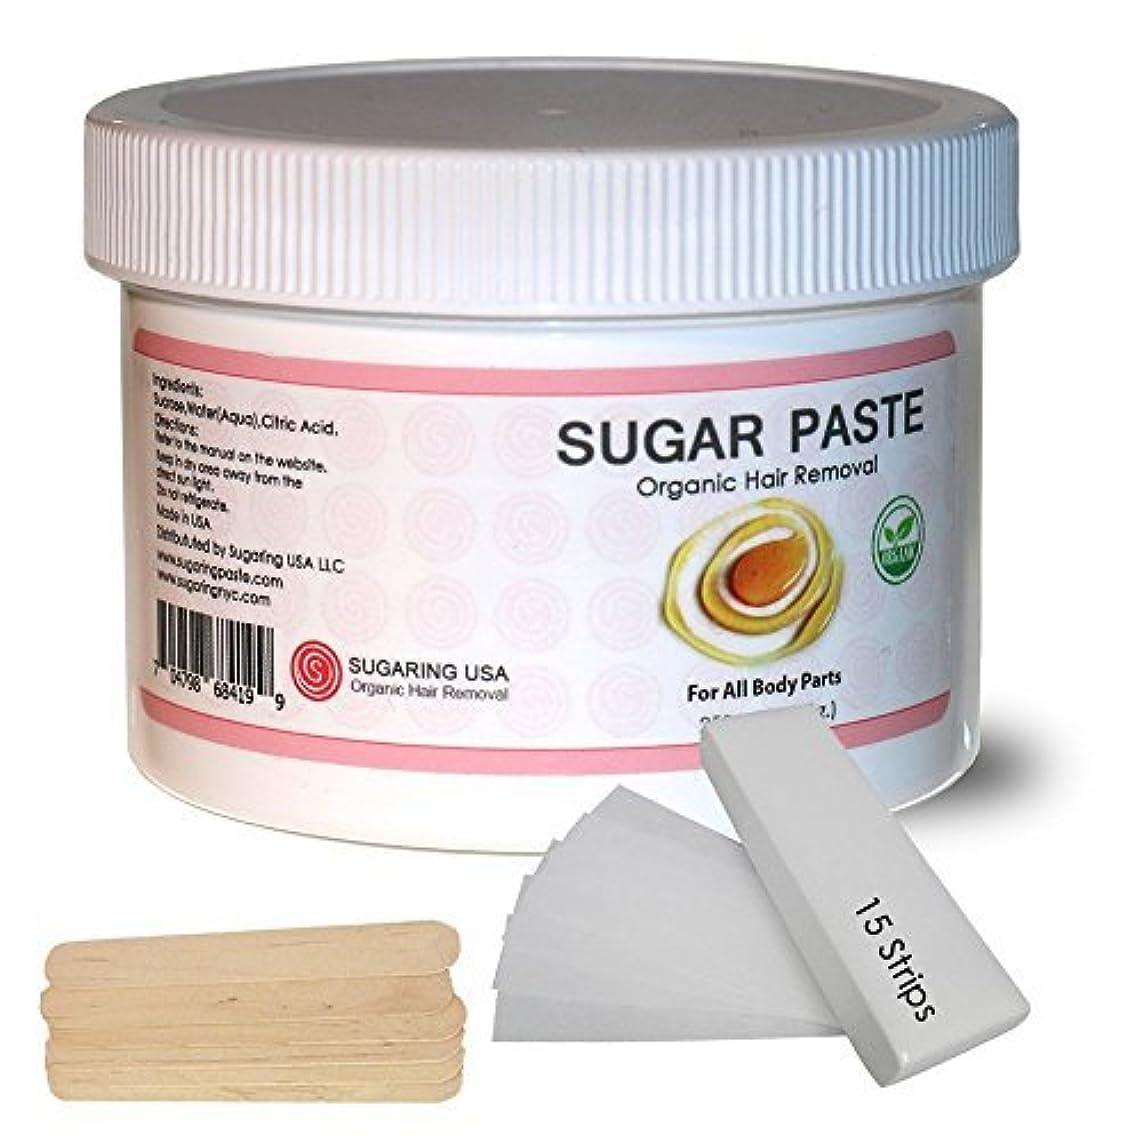 準備した不規則なクライアントSugaring Hair Removal Paste at Home Kit - (Strips Applicator Sticks) Large350g (12oz.) [並行輸入品]